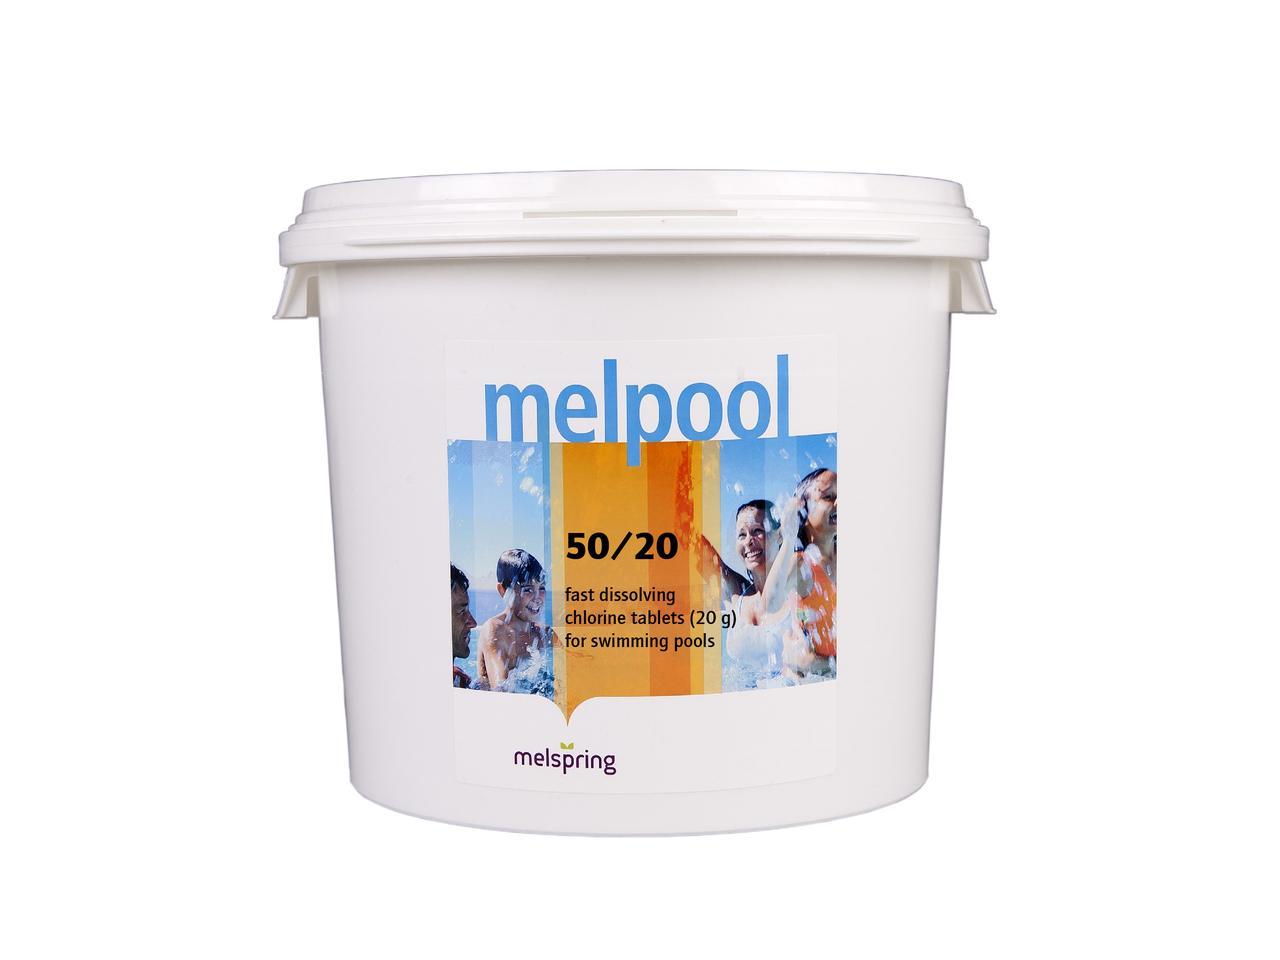 Шок-хлор Melpool 50/20  50 кг для дезинфекции воды в бассейне (20 г).